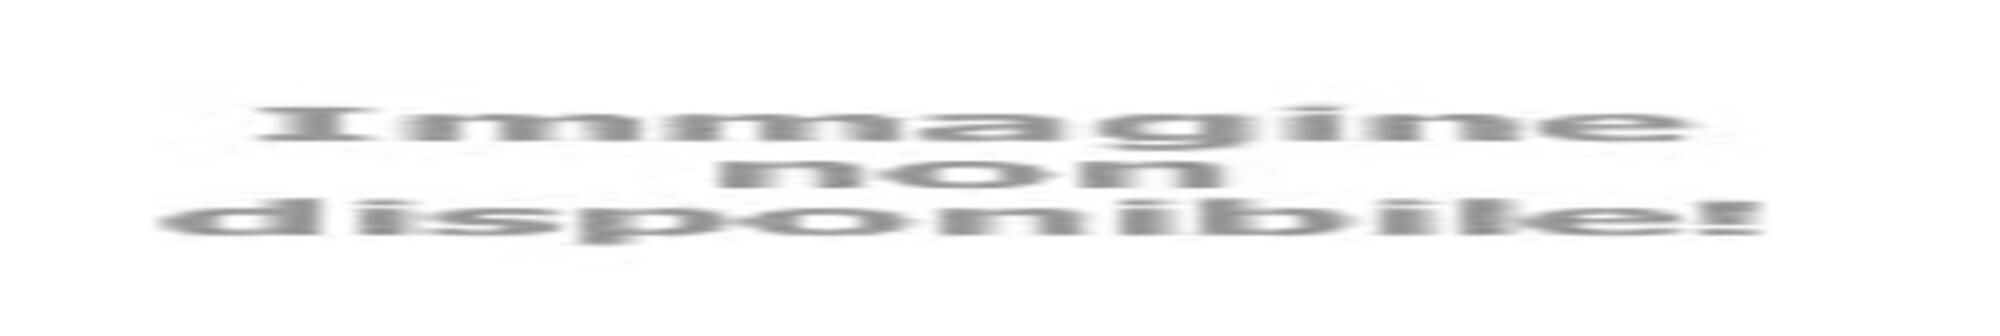 Offerta vacanze fine Luglio all inclusive per famiglie a Igea Marina